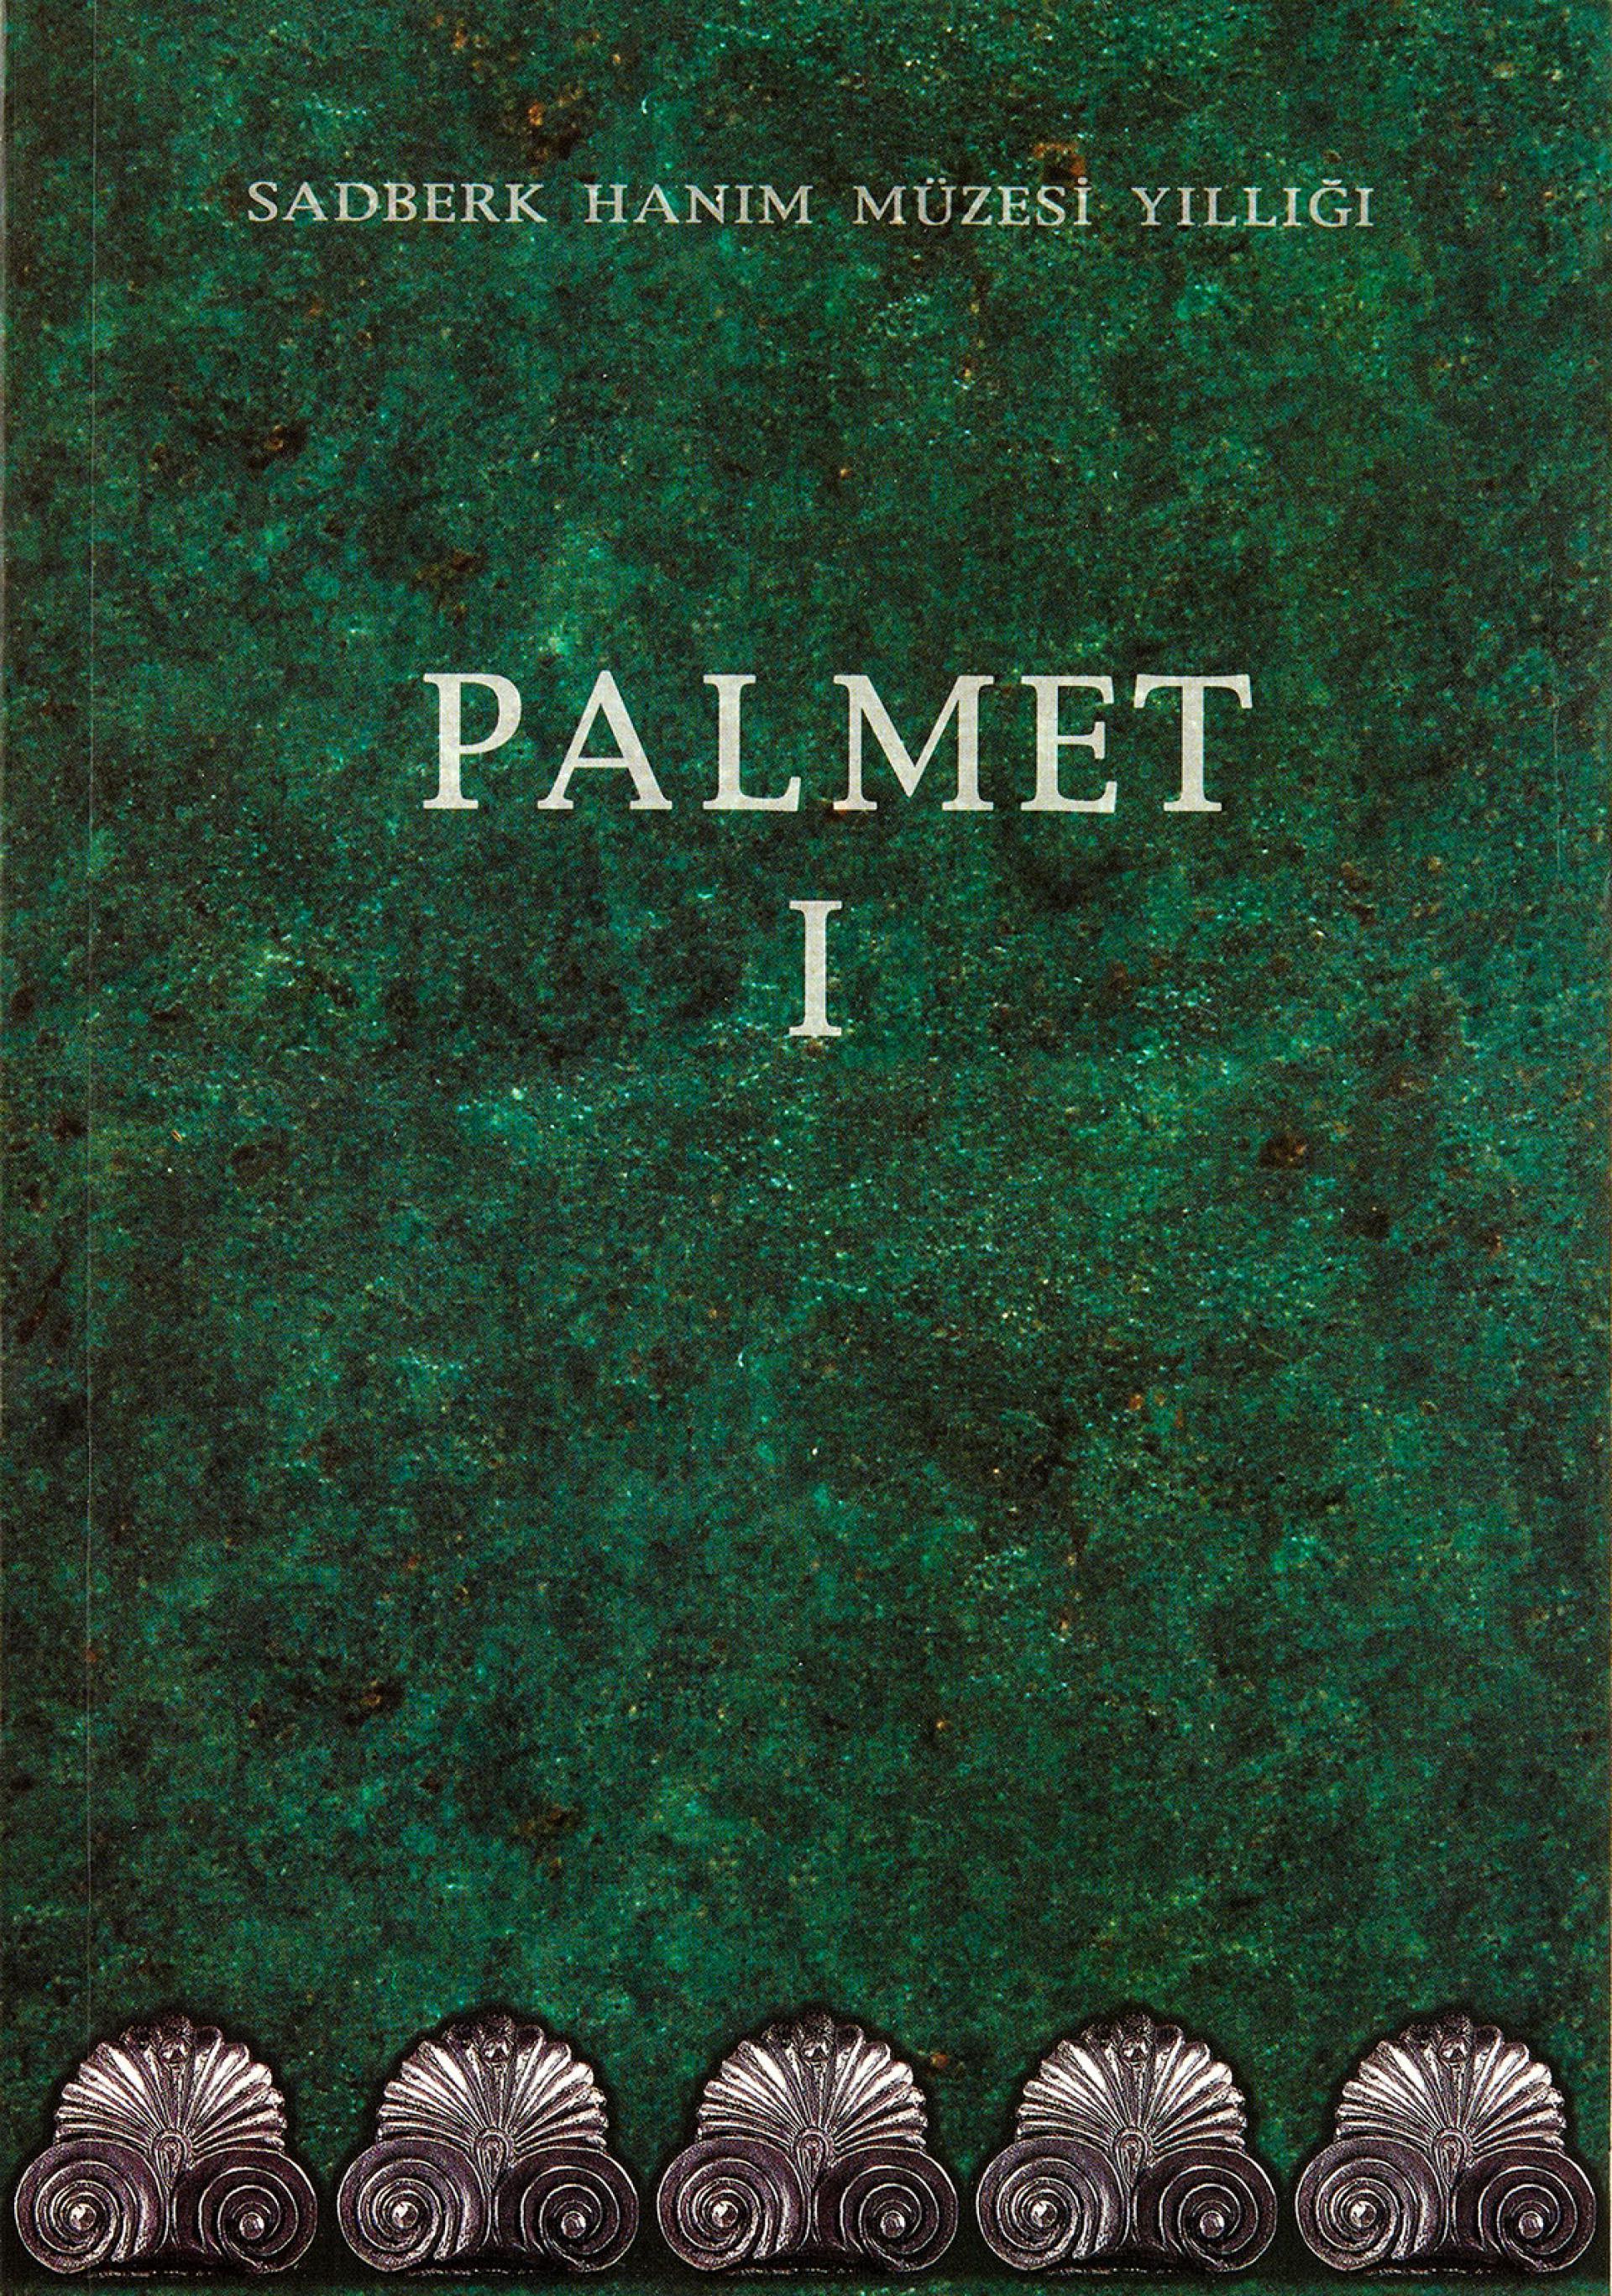 Palmet I - Sadberk Hanım Müzesi Yıllığı - KİTAPLAR - Sadberk Hanım Müzesi